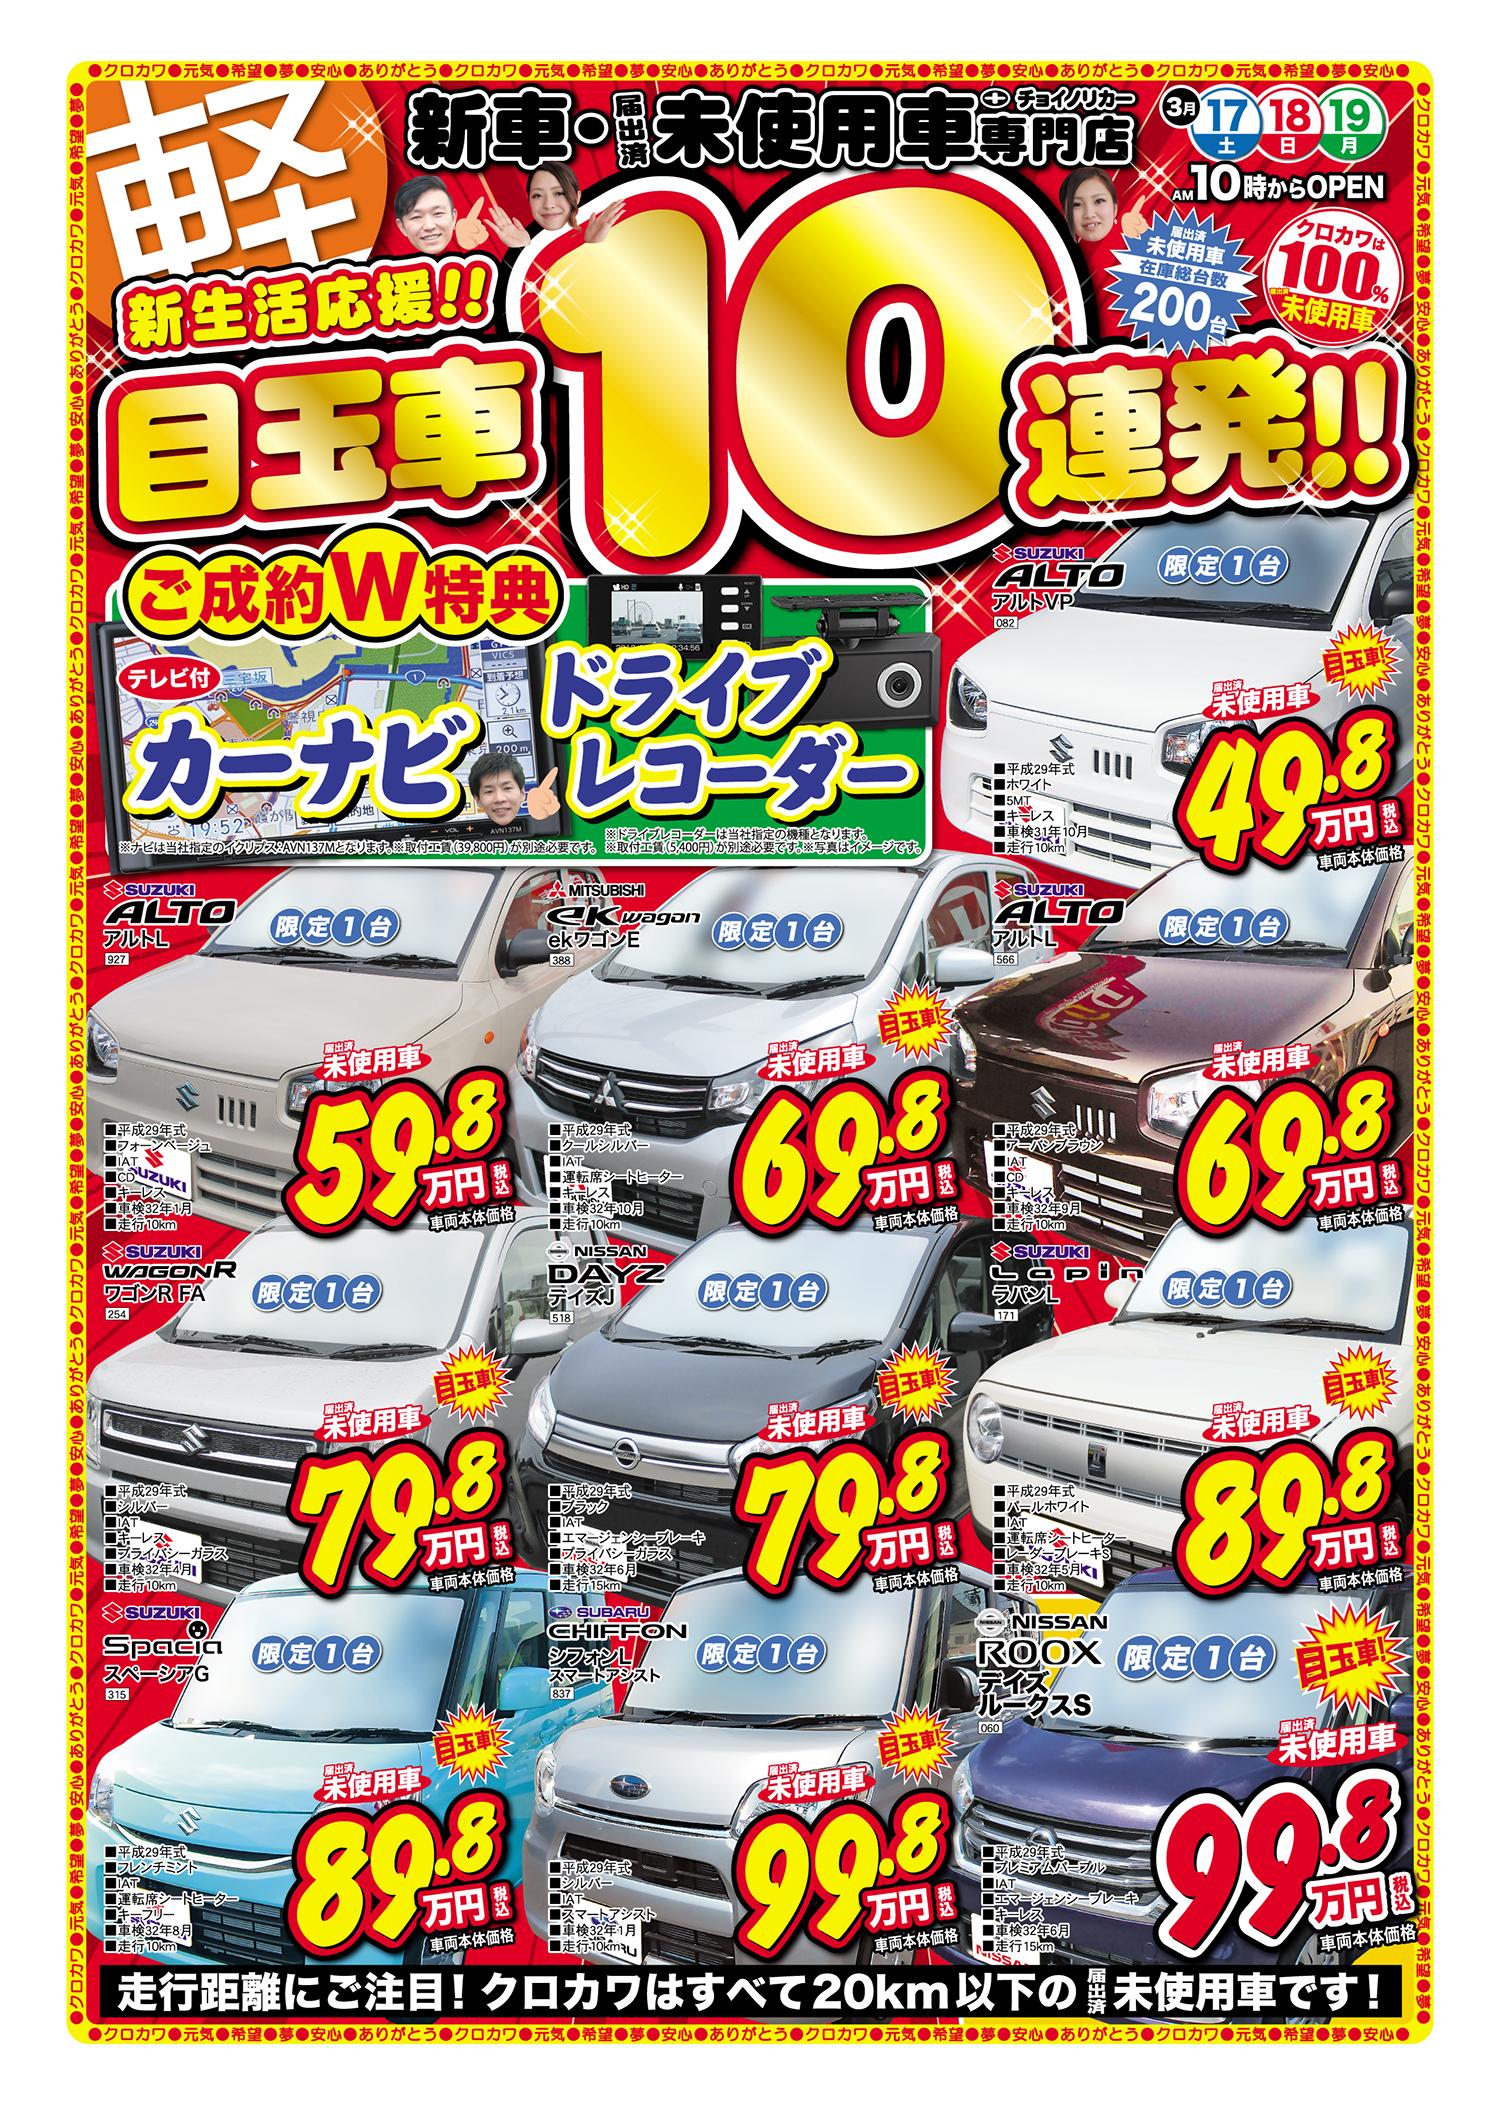 新生活応援!目玉車10連発!カーナビ、ドライブレコーダープレゼントあり!